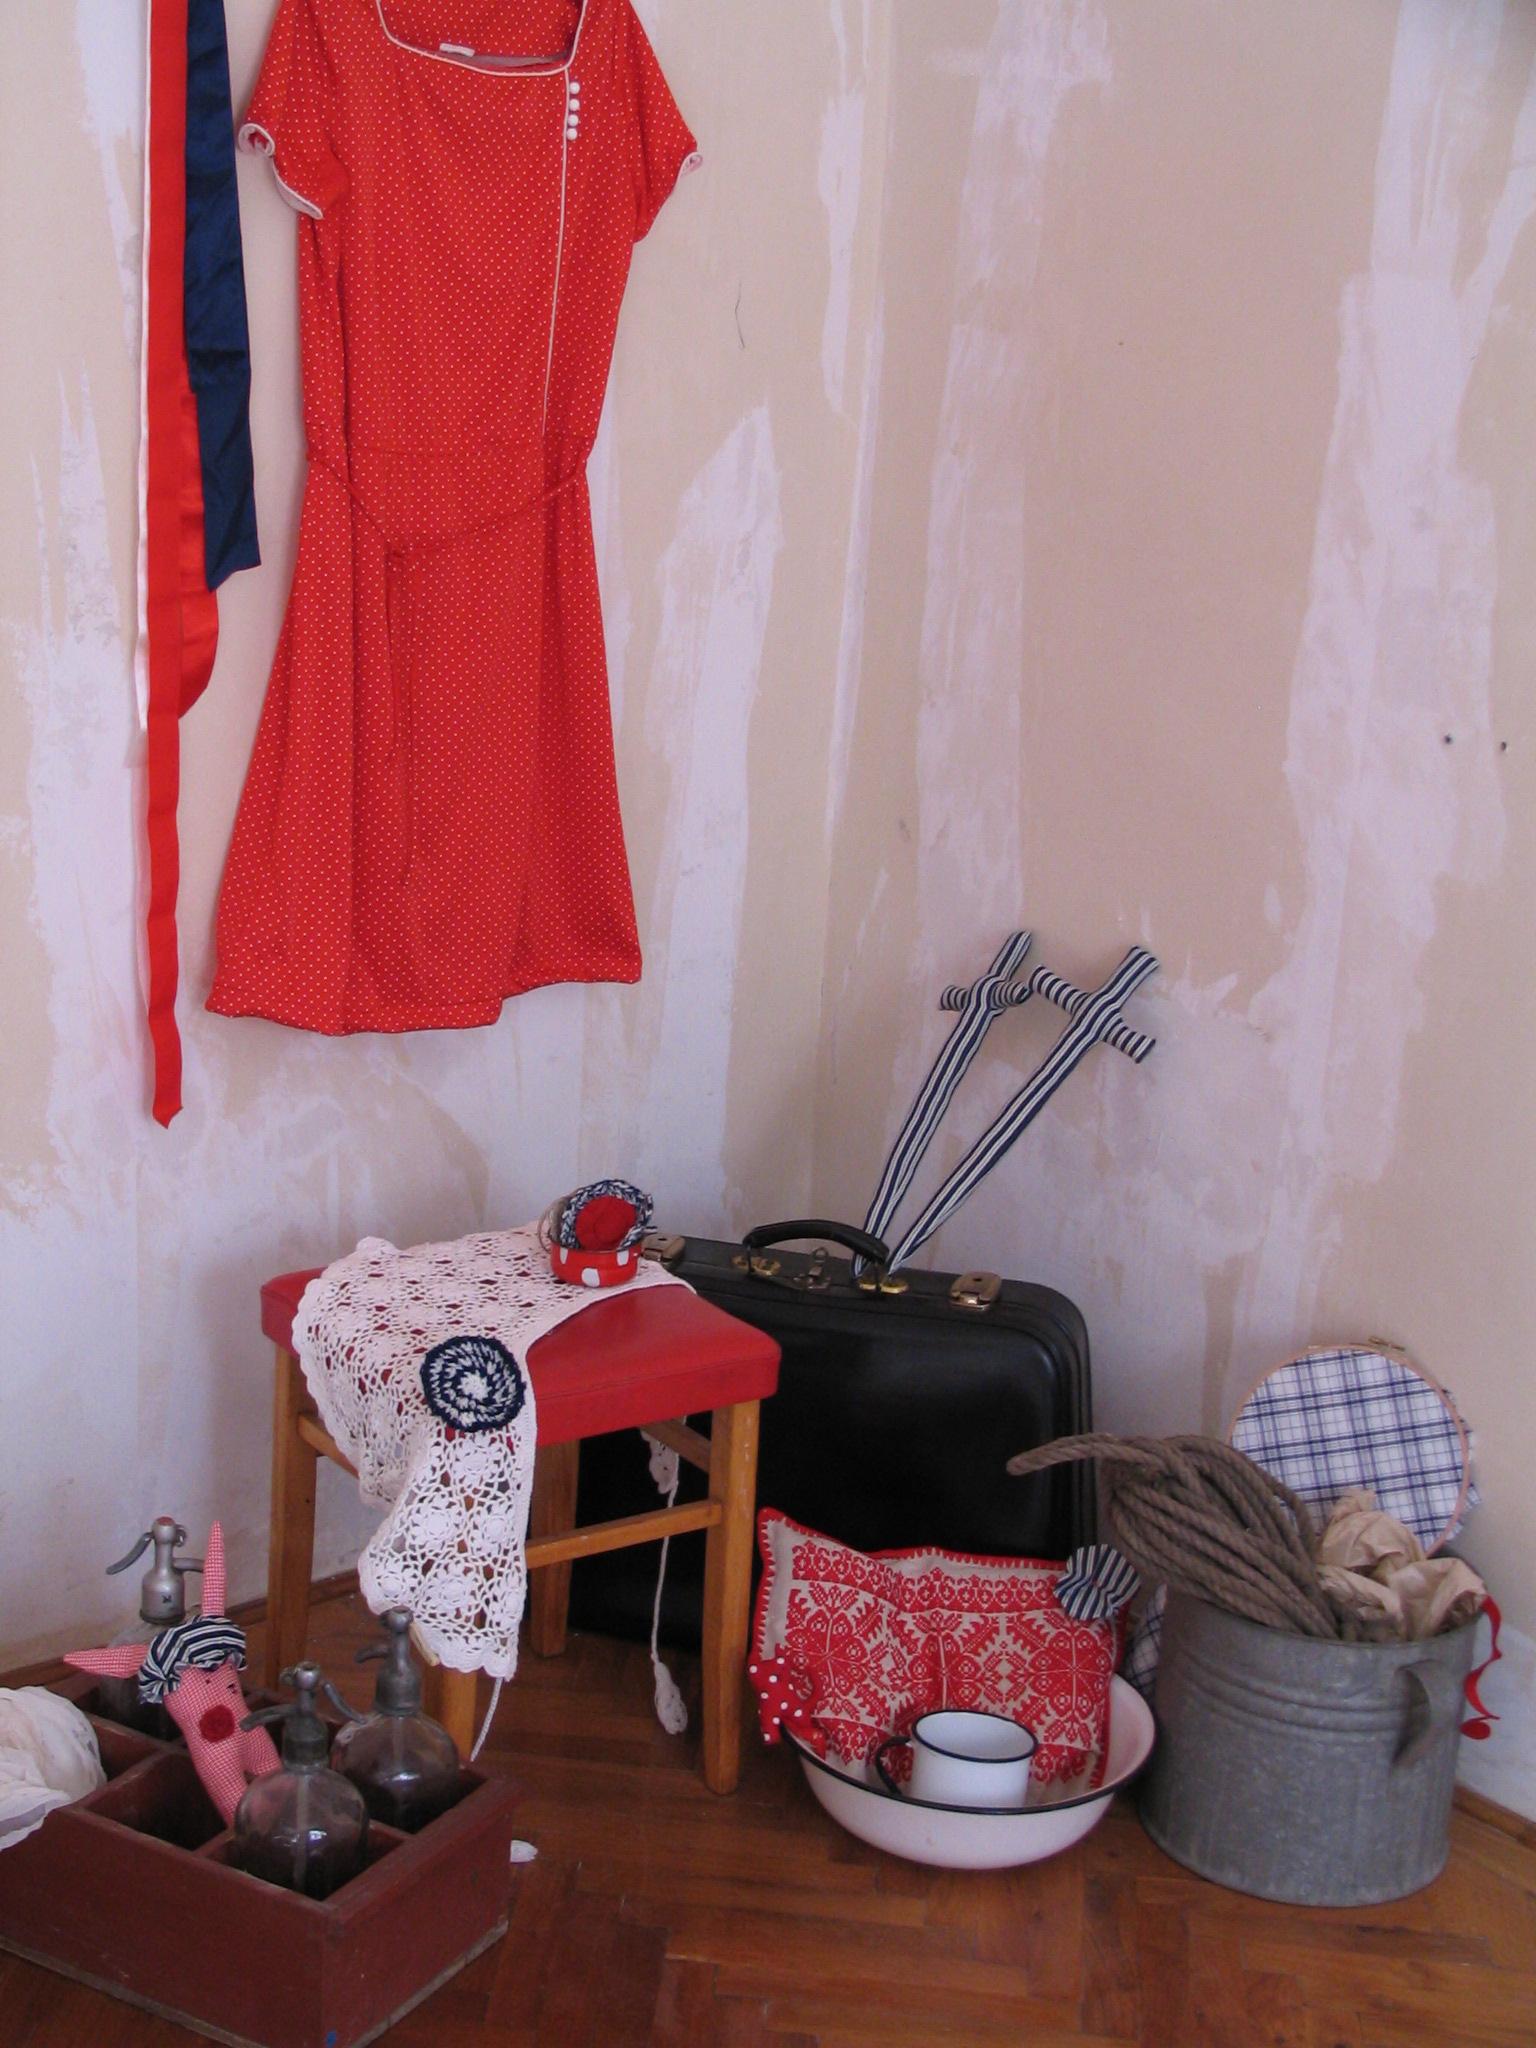 kék-piros-fehér 017.jpg